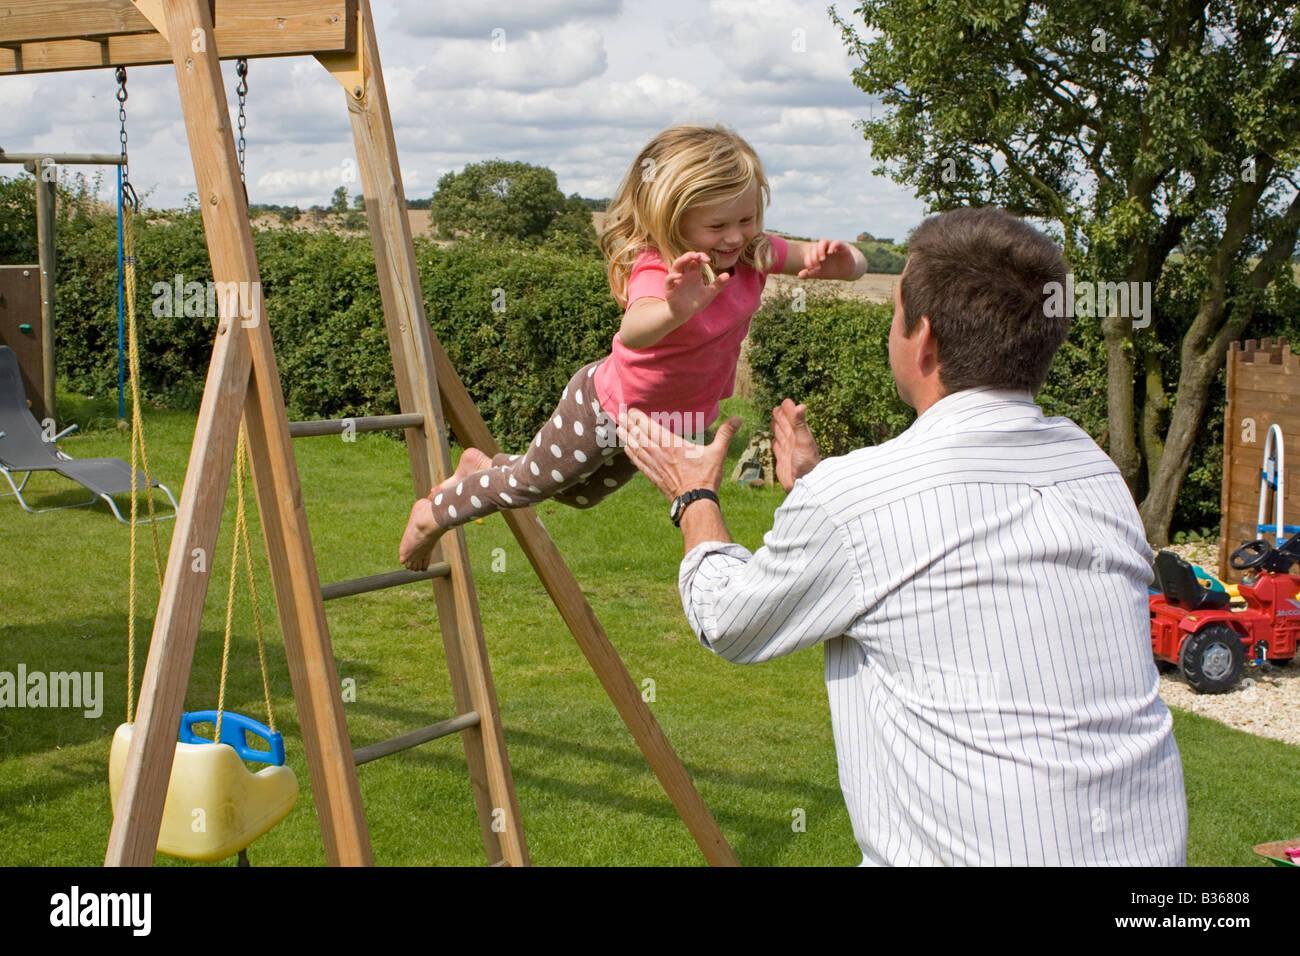 Klettergerüst English : Kind vom klettergerüst in väter arme springen stockfoto bild